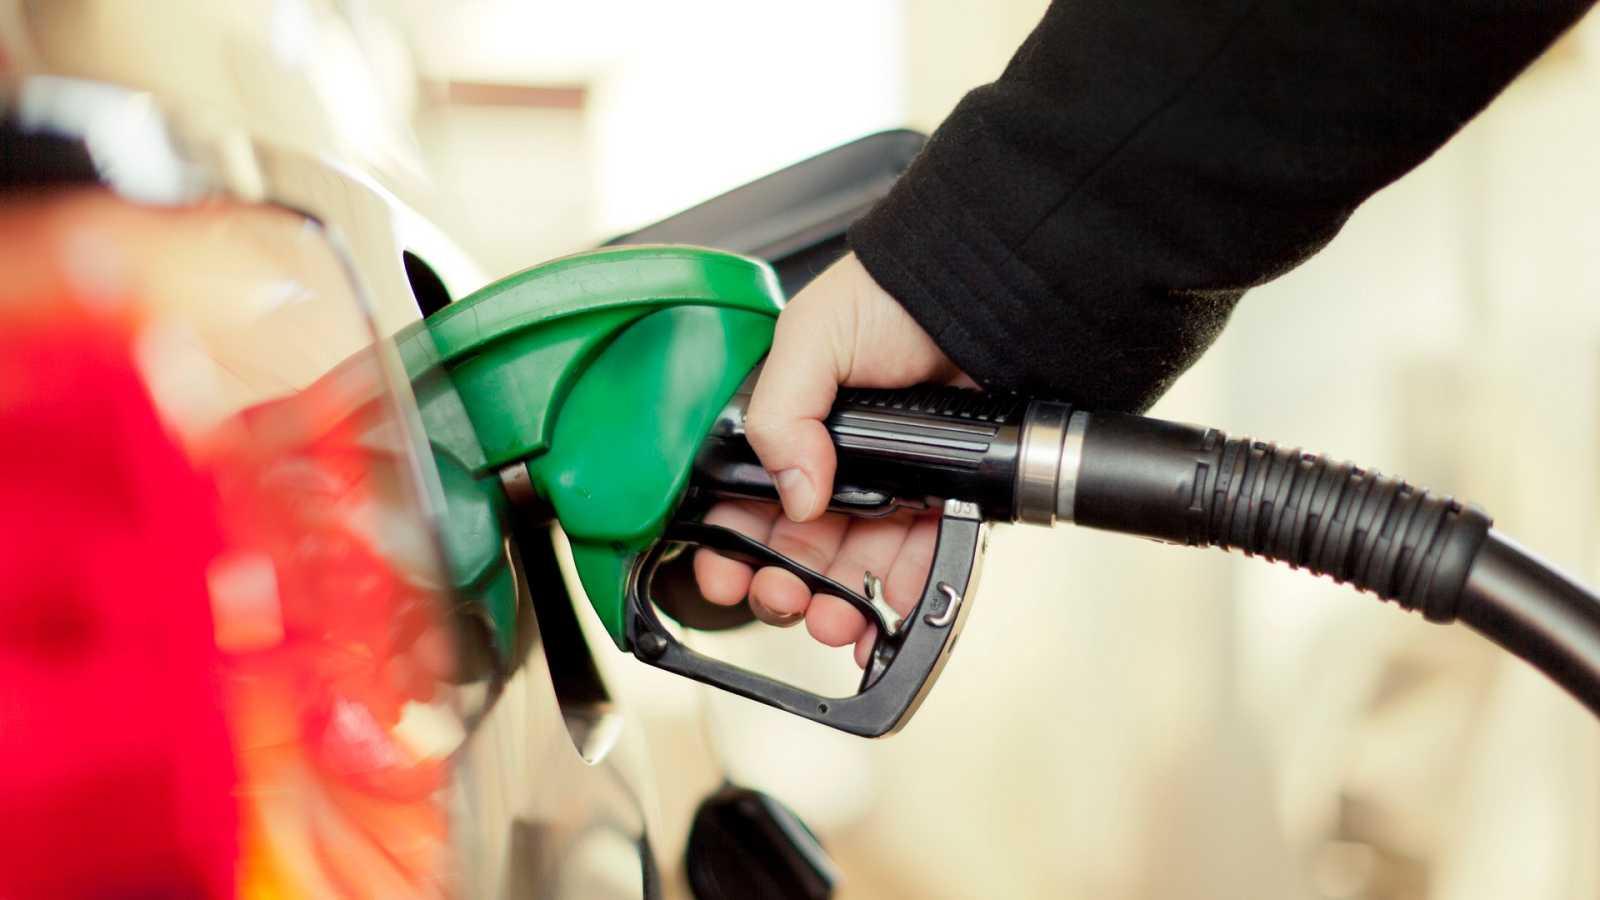 El pánico dispara los precios de la gasolina en EE.UU.